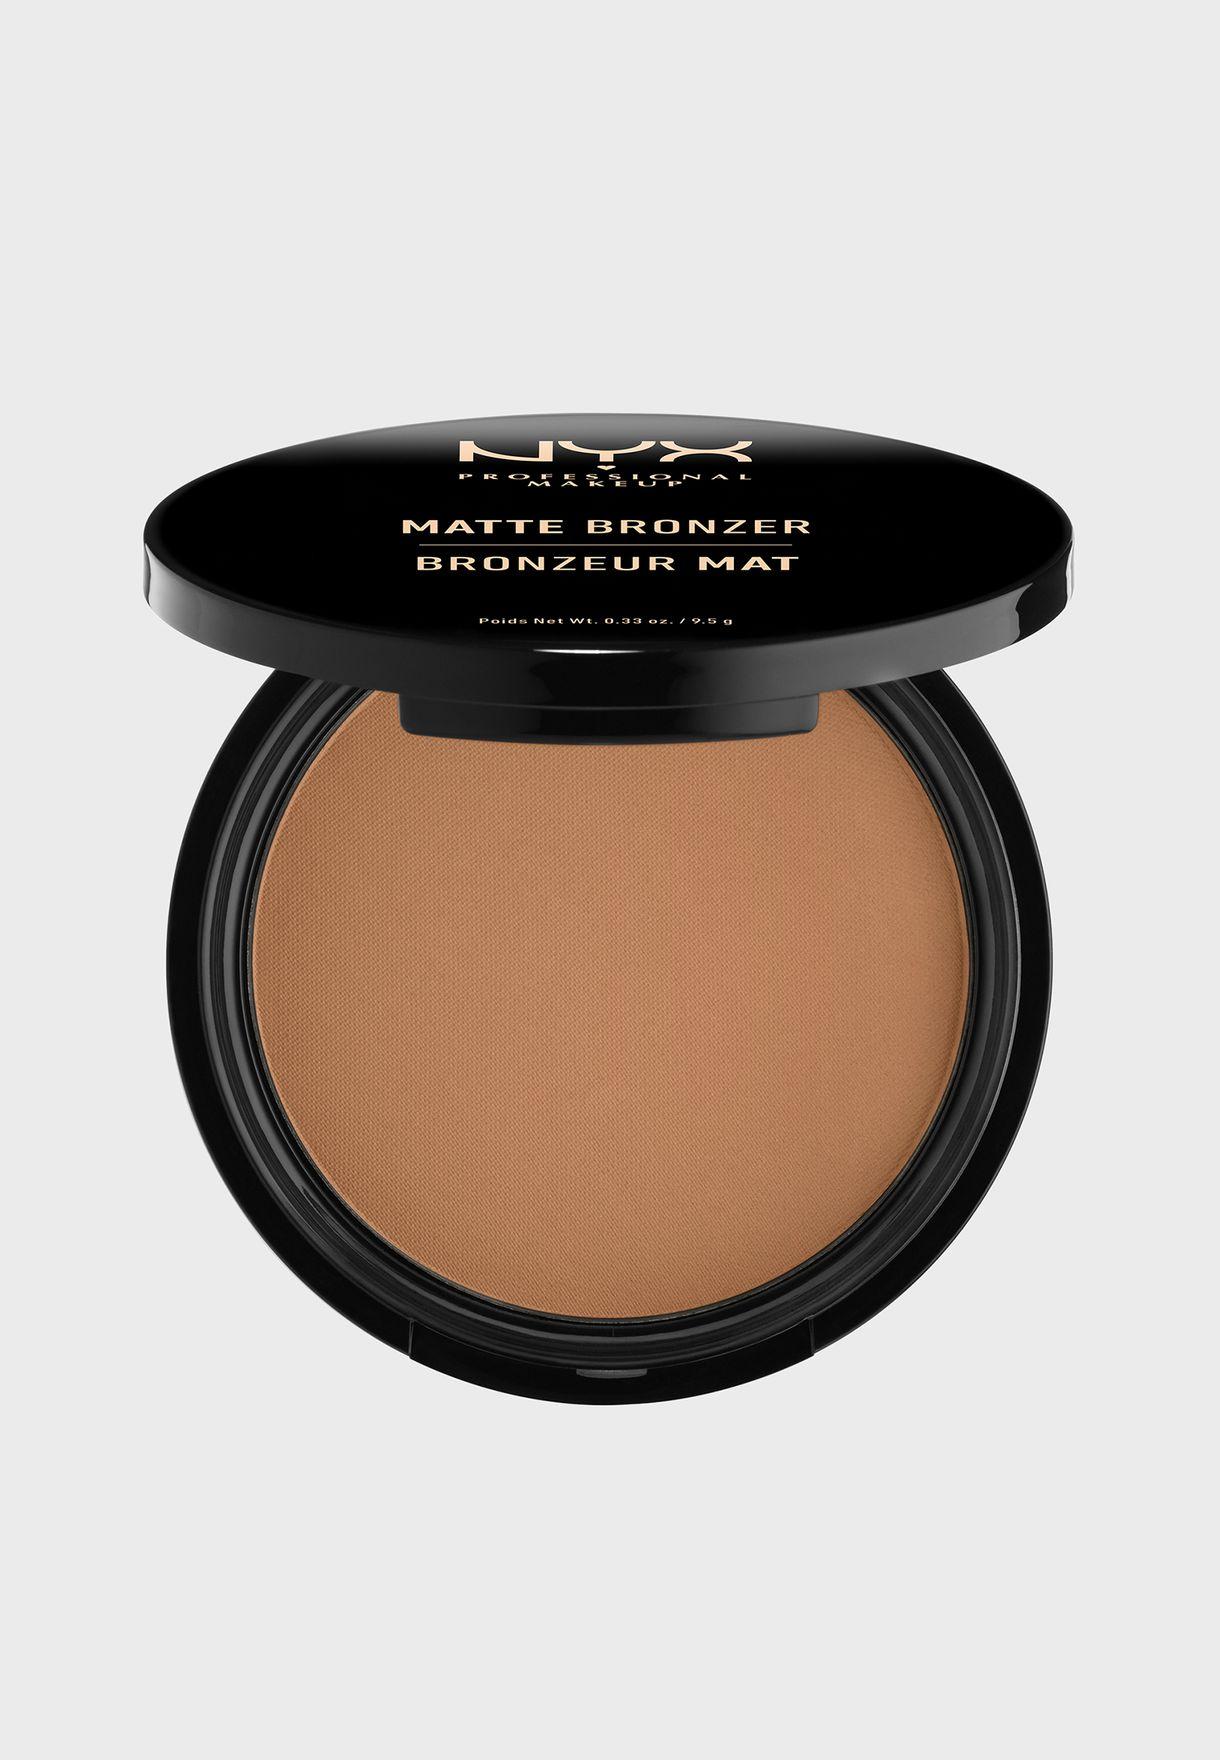 Makeup Matte Body Bronzer